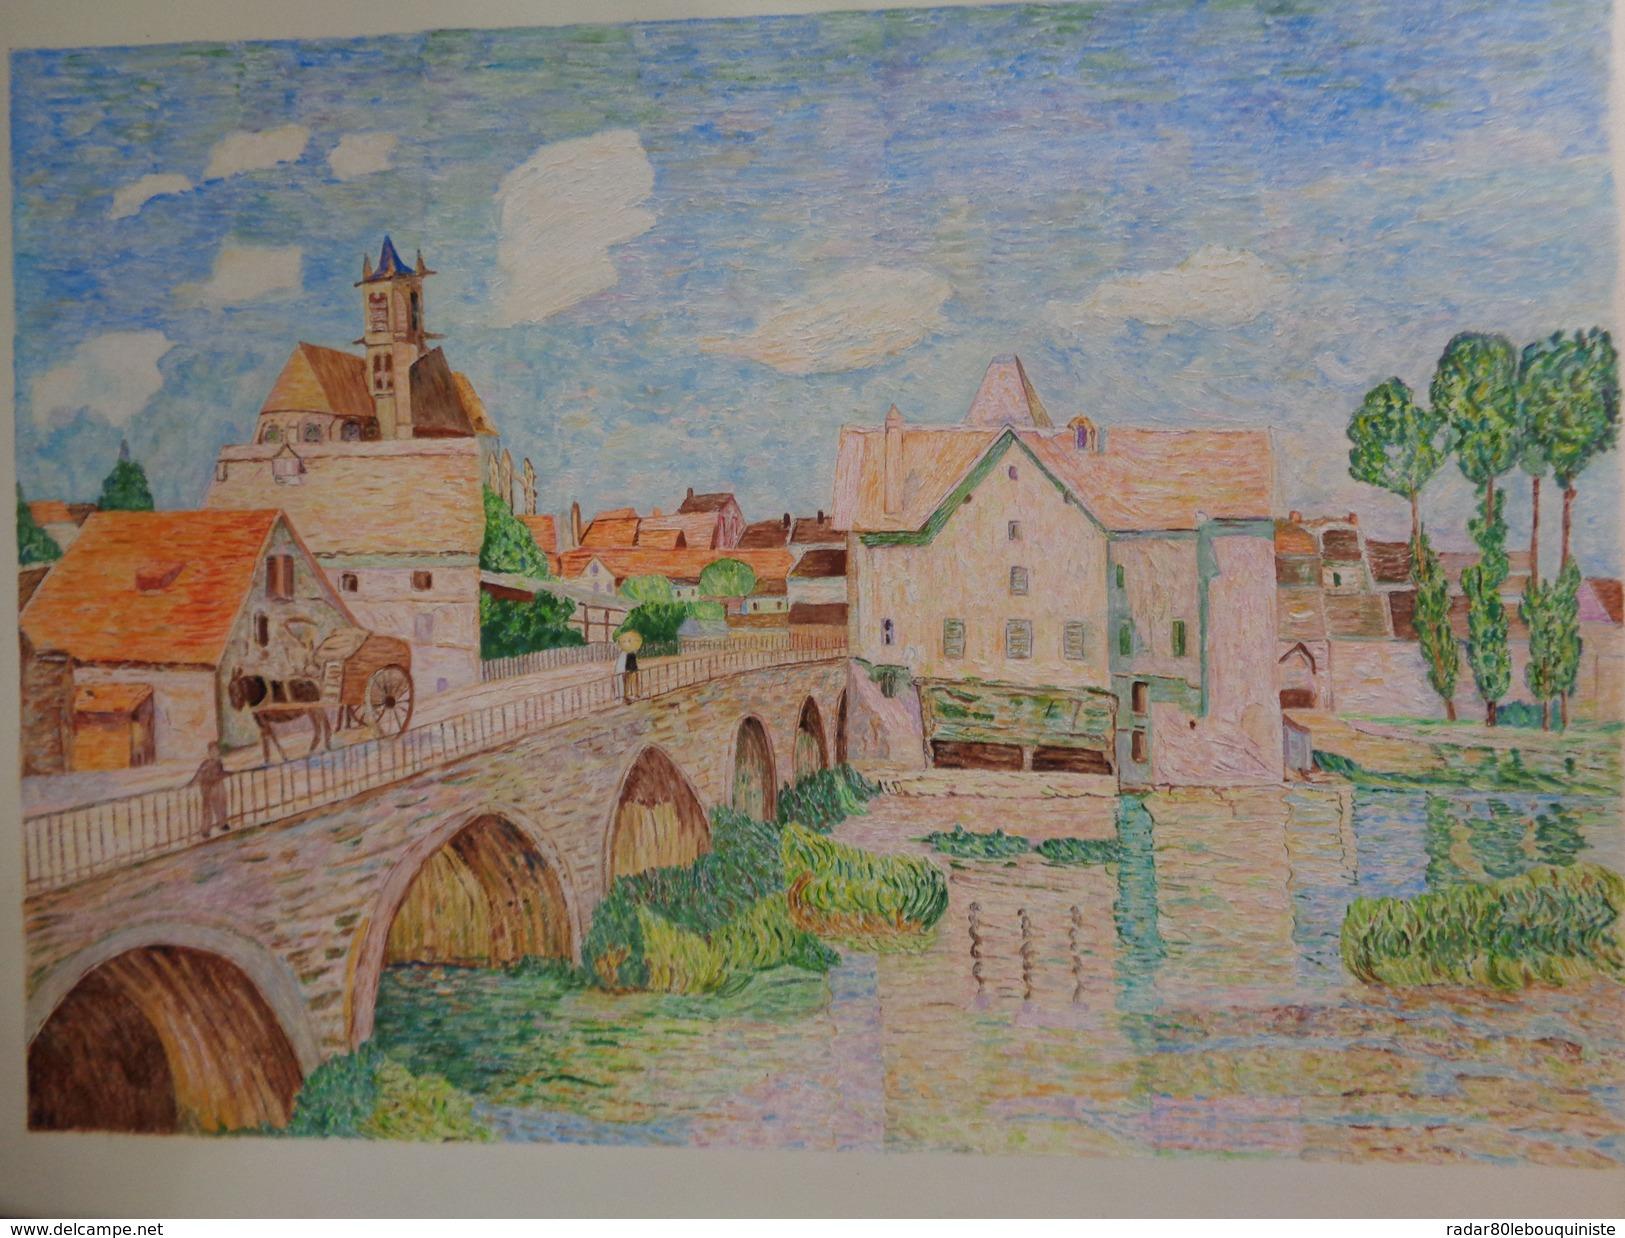 Le Pont De Moret.D'après Alfred Sisley.la Feuille:600 X 450 Mm.Acrylique Sur Papier Par Debeaupuis.1979 - Acryliques